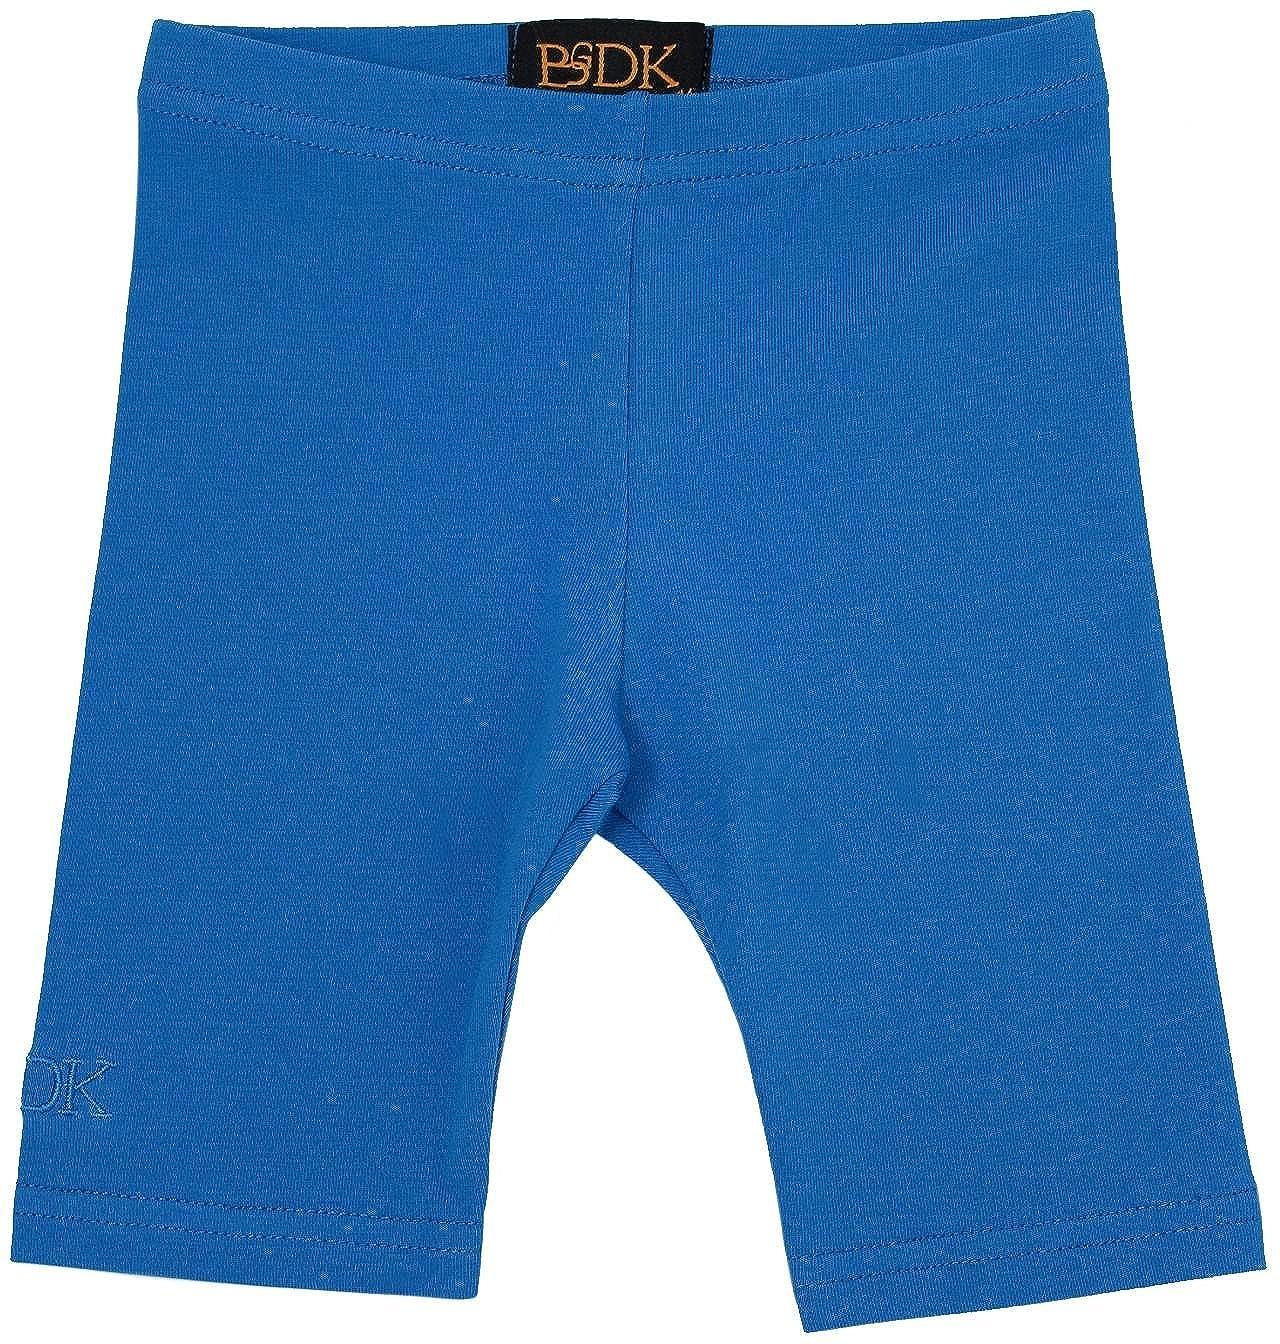 BGDK Unisex Boys Girls Toddler Cotton Short Leggings